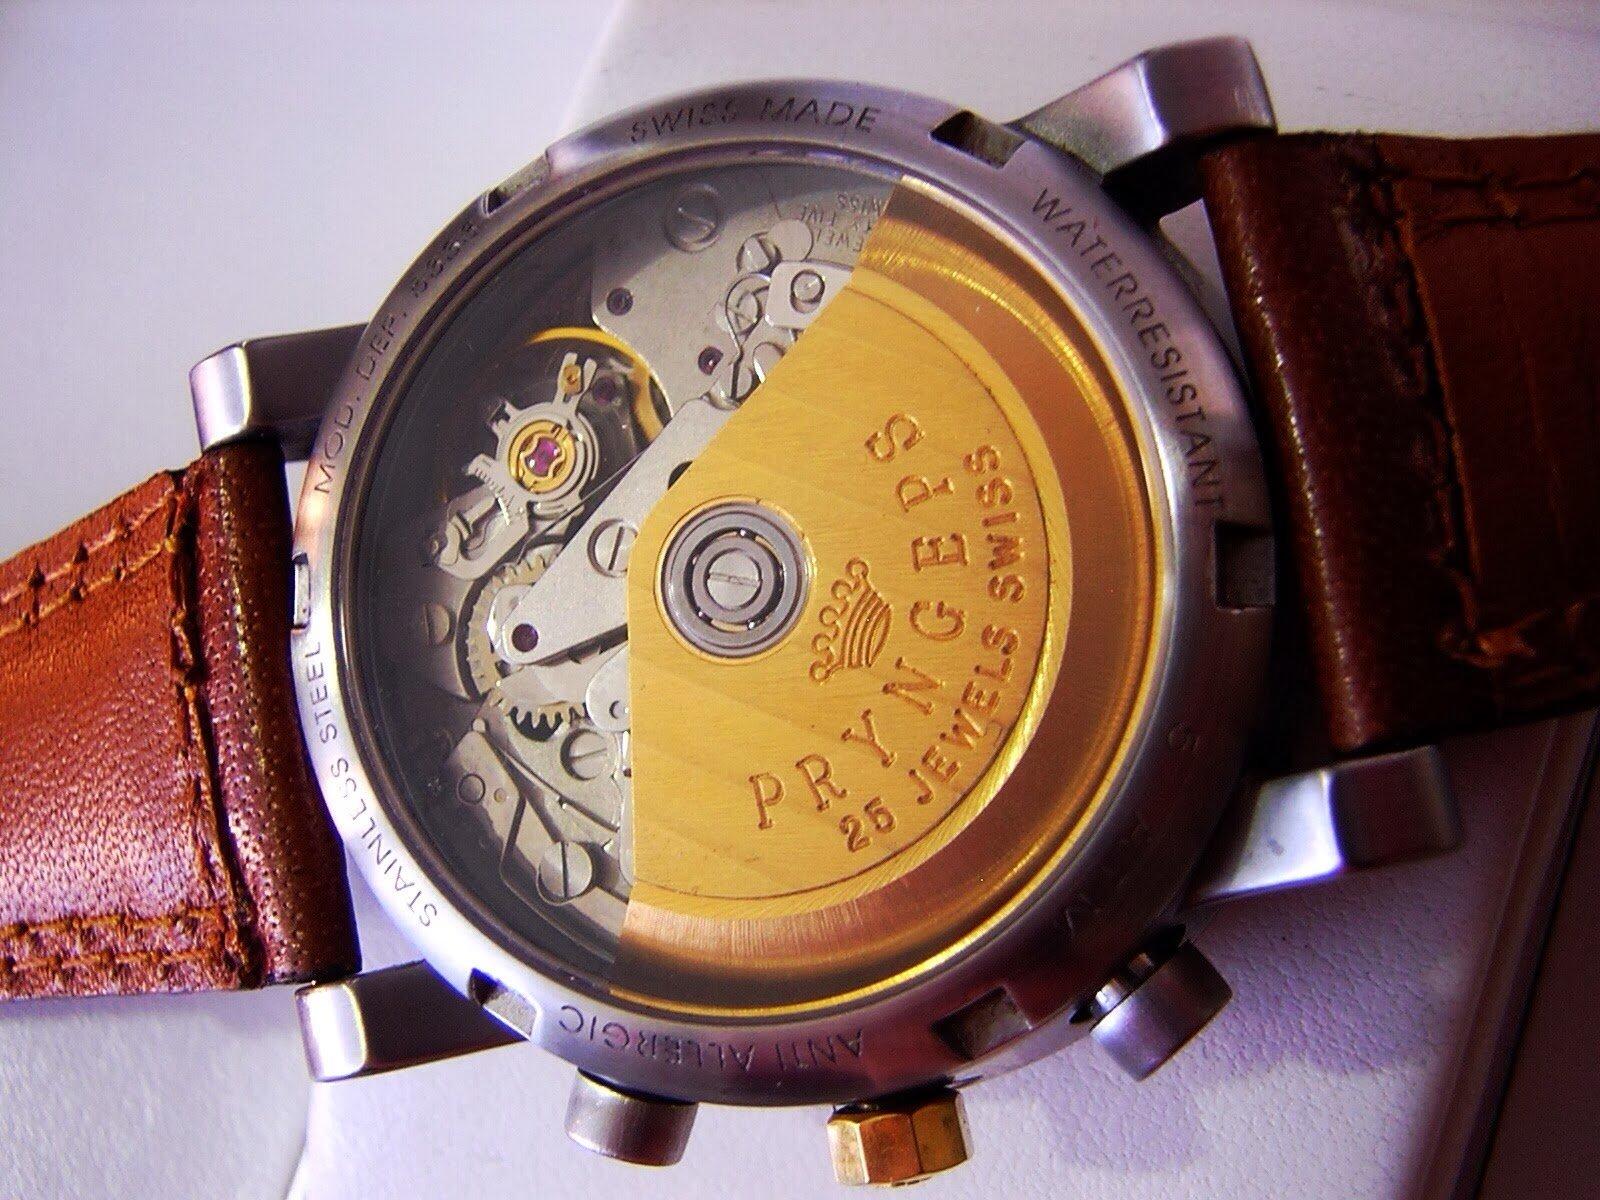 Orologio con ingranaggi a vista